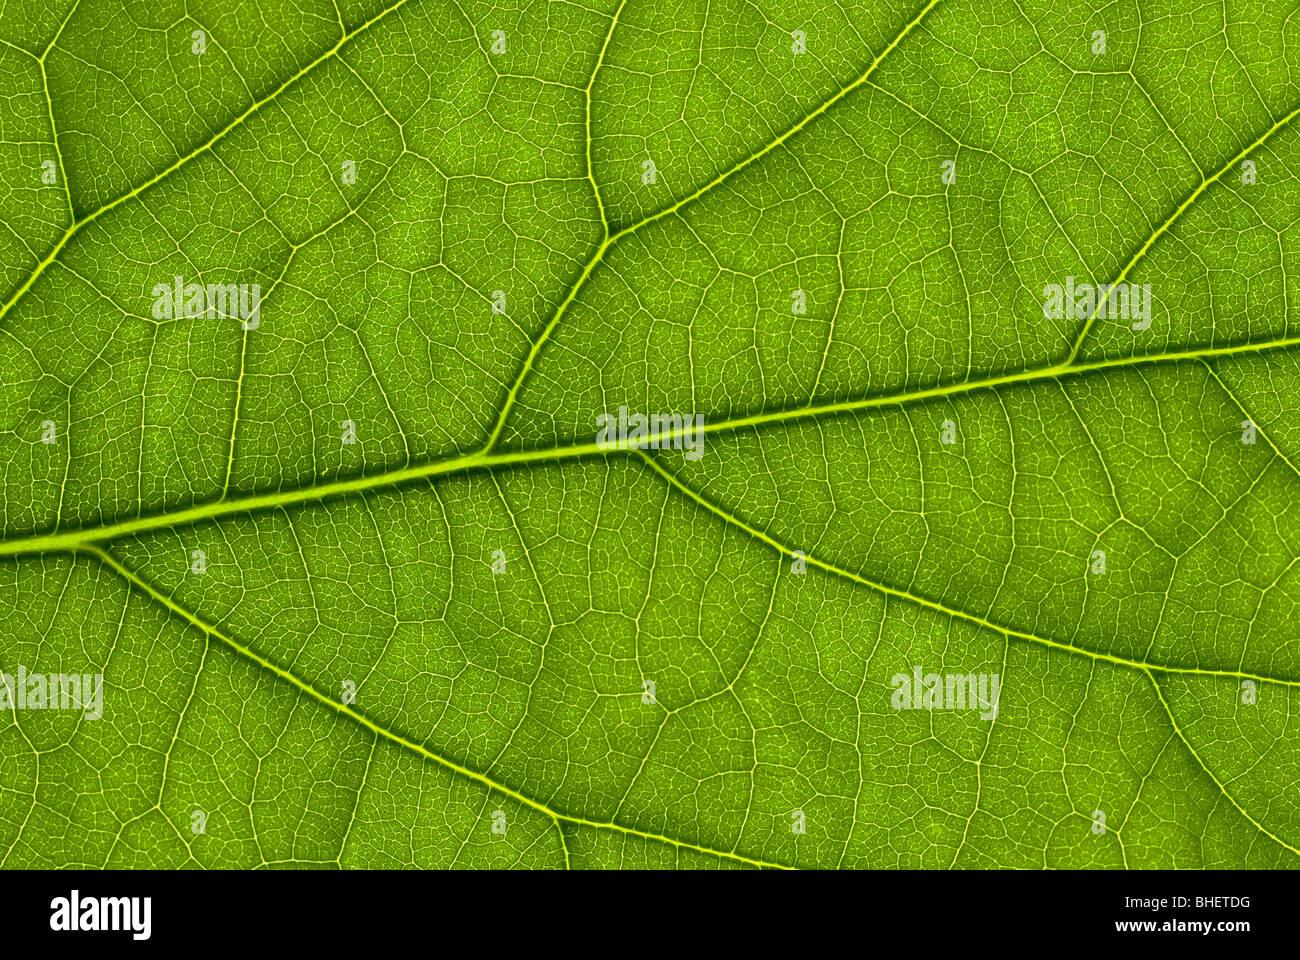 Aguacate estructura foliar iluminada desde atrás con una pistola de flash Imagen De Stock